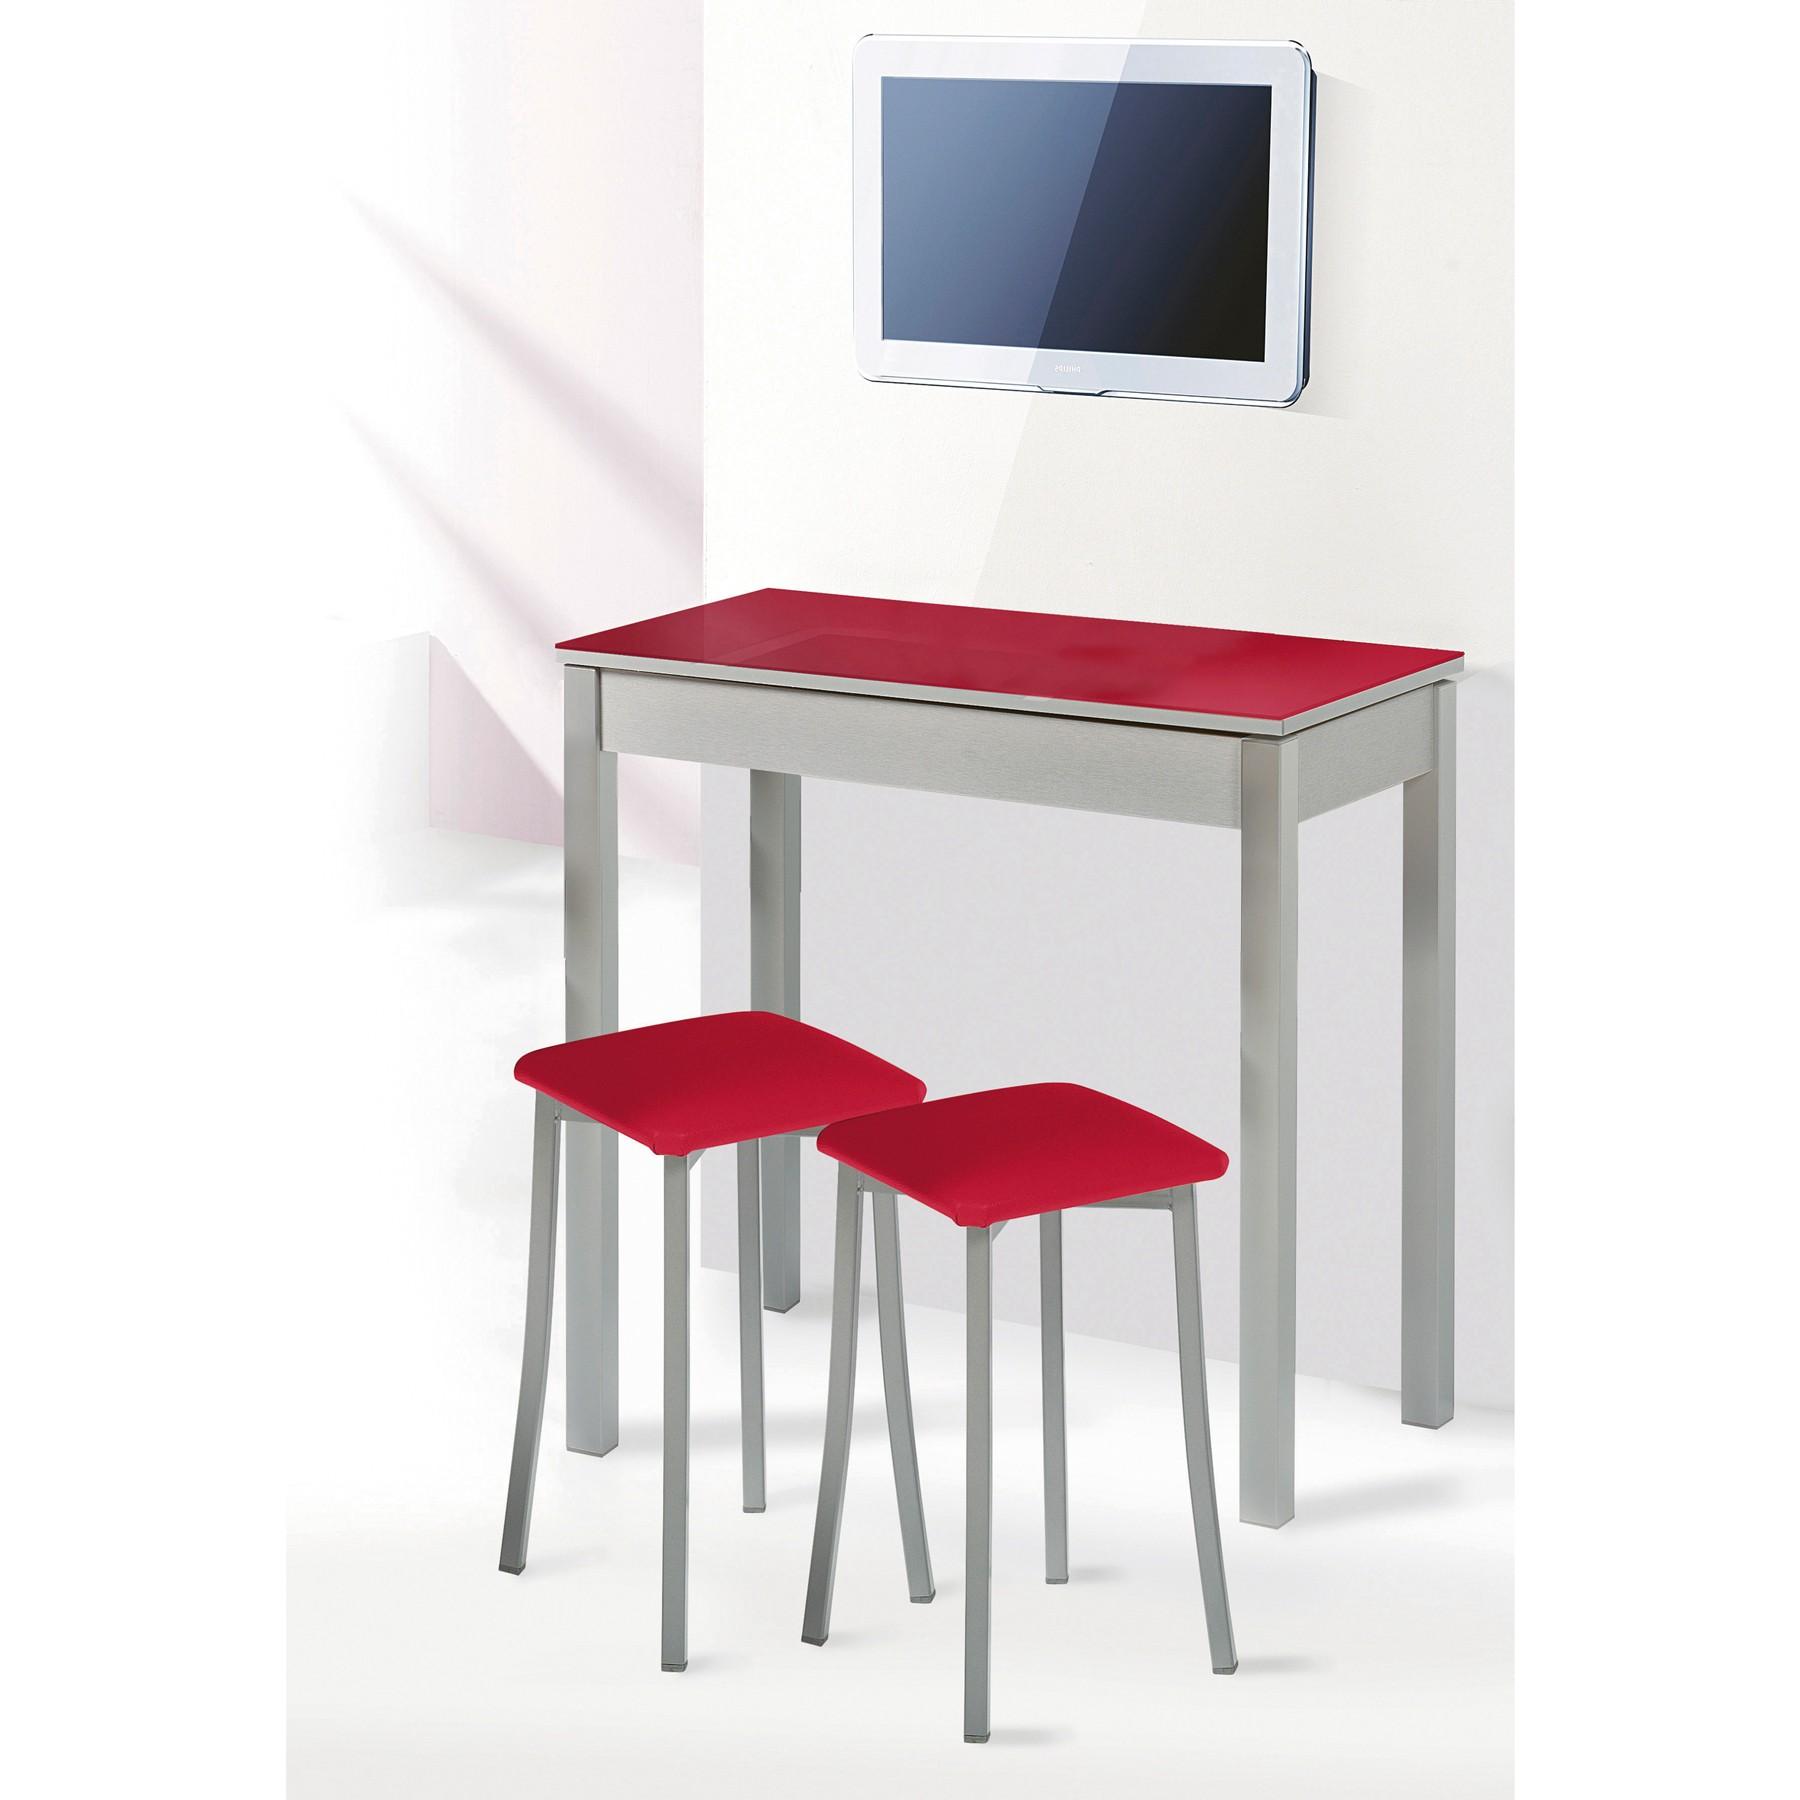 Mesa de cocina fija y taburetes modelo liborno espacios for Juego de mesa y sillas para cocina